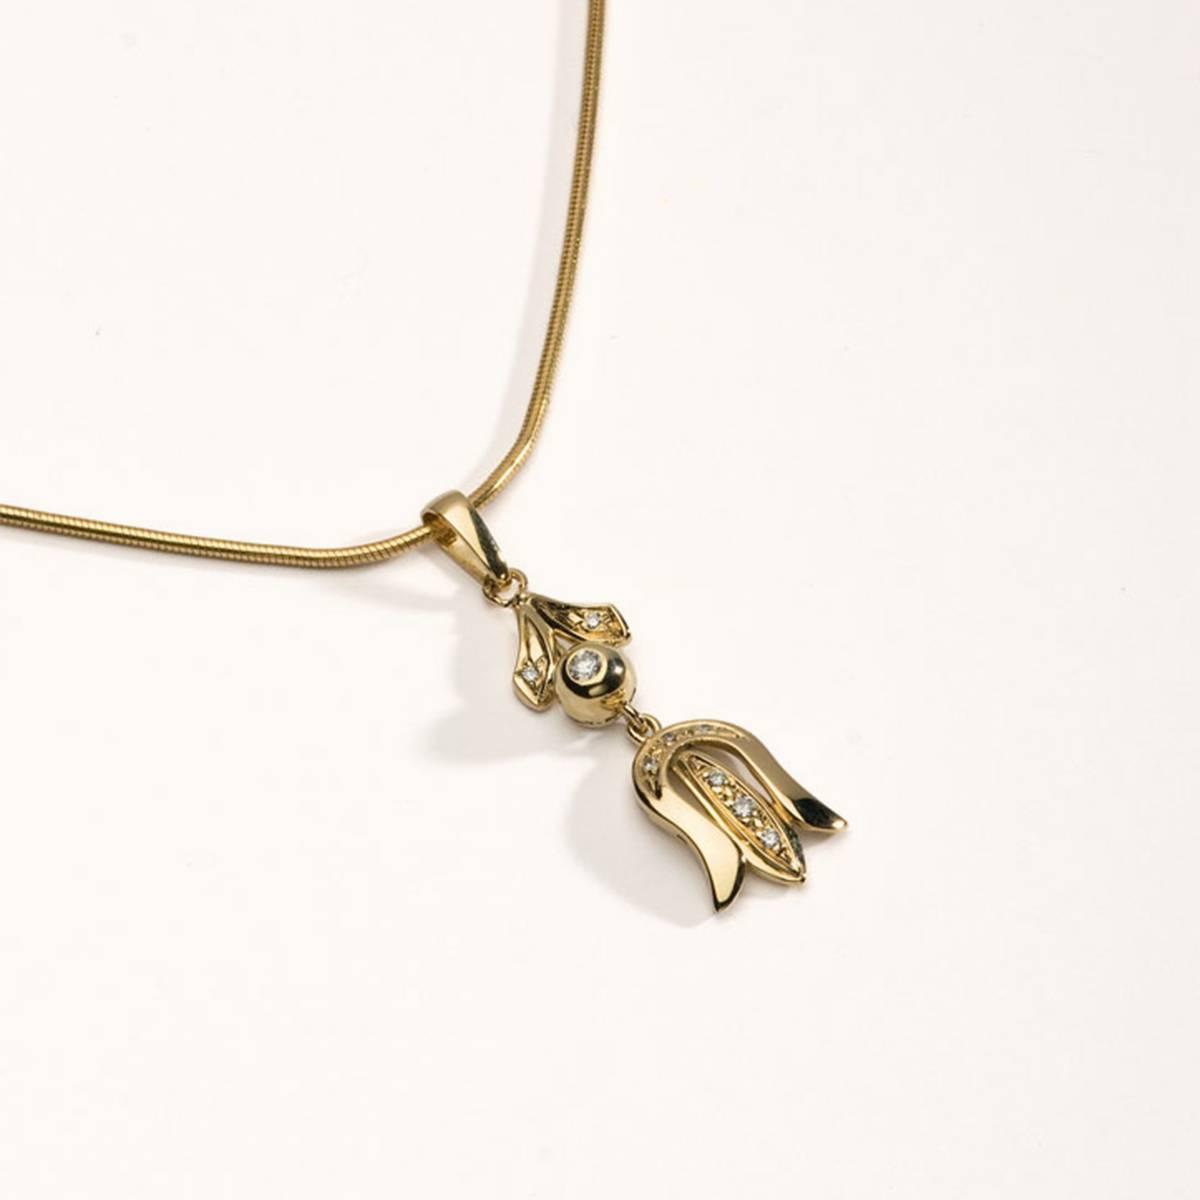 14 karátos sárga arany medál gyémántokkal